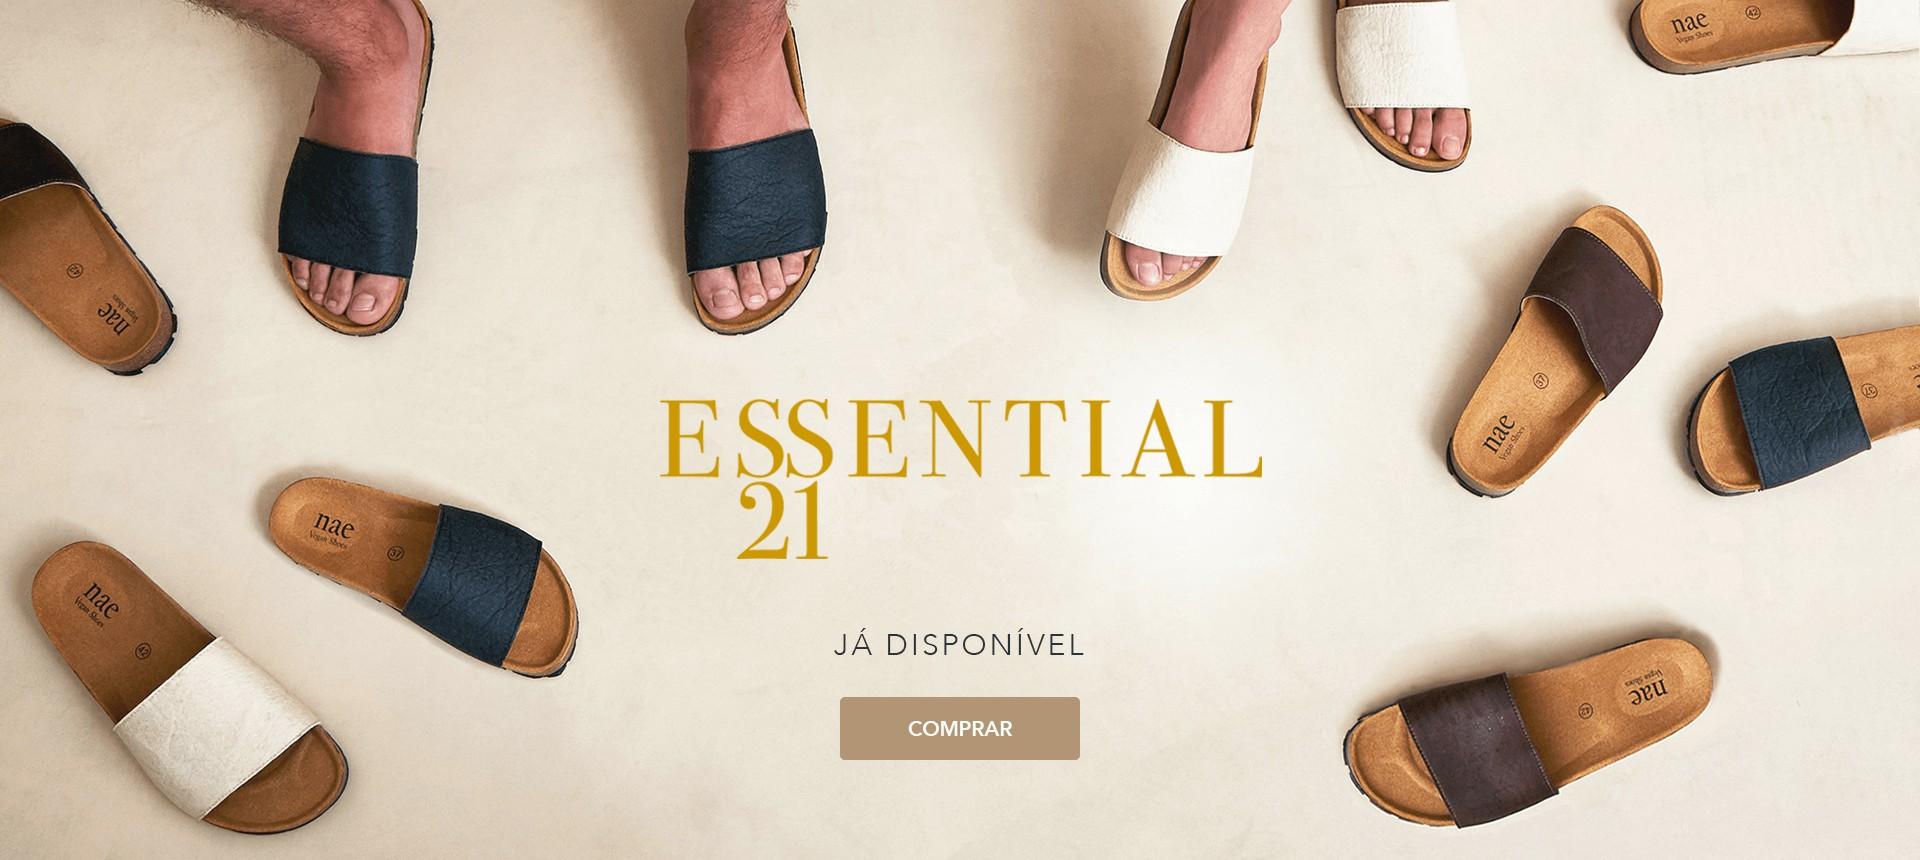 Sapatos vegan - Nova coleção primavera verão